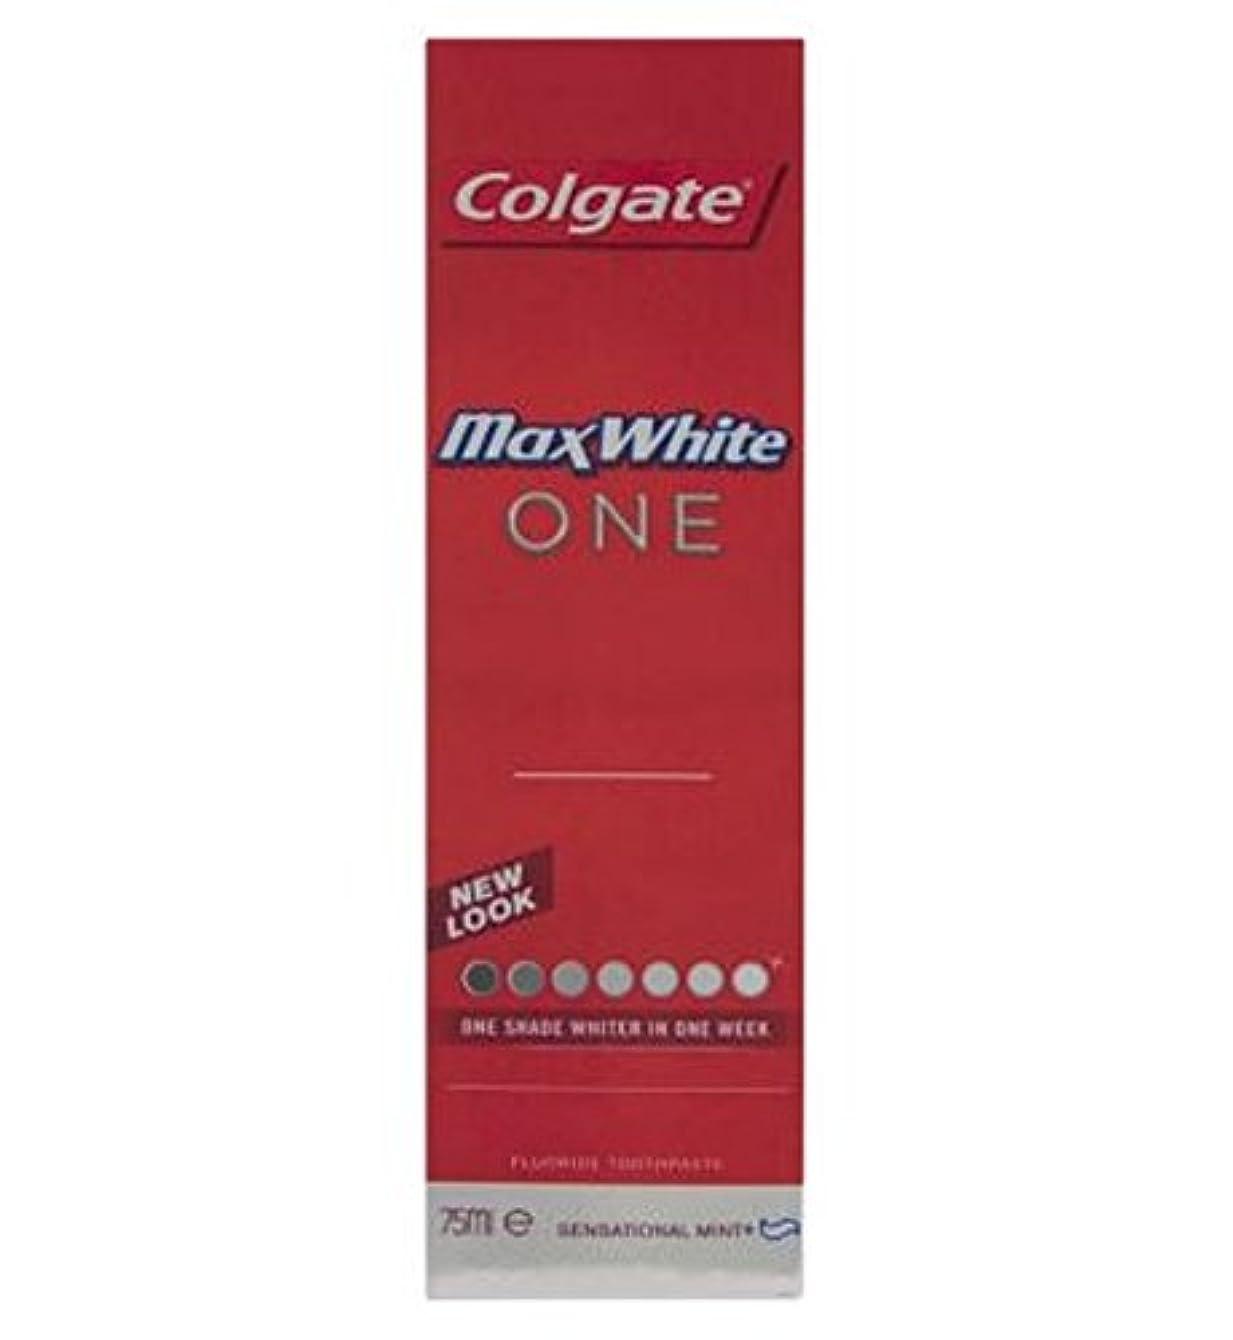 別れる批判的歌詞コルゲートマックスホワイト1新鮮な歯磨き粉75ミリリットル (Colgate) (x2) - Colgate Max White One Fresh toothpaste 75ml (Pack of 2) [並行輸入品]